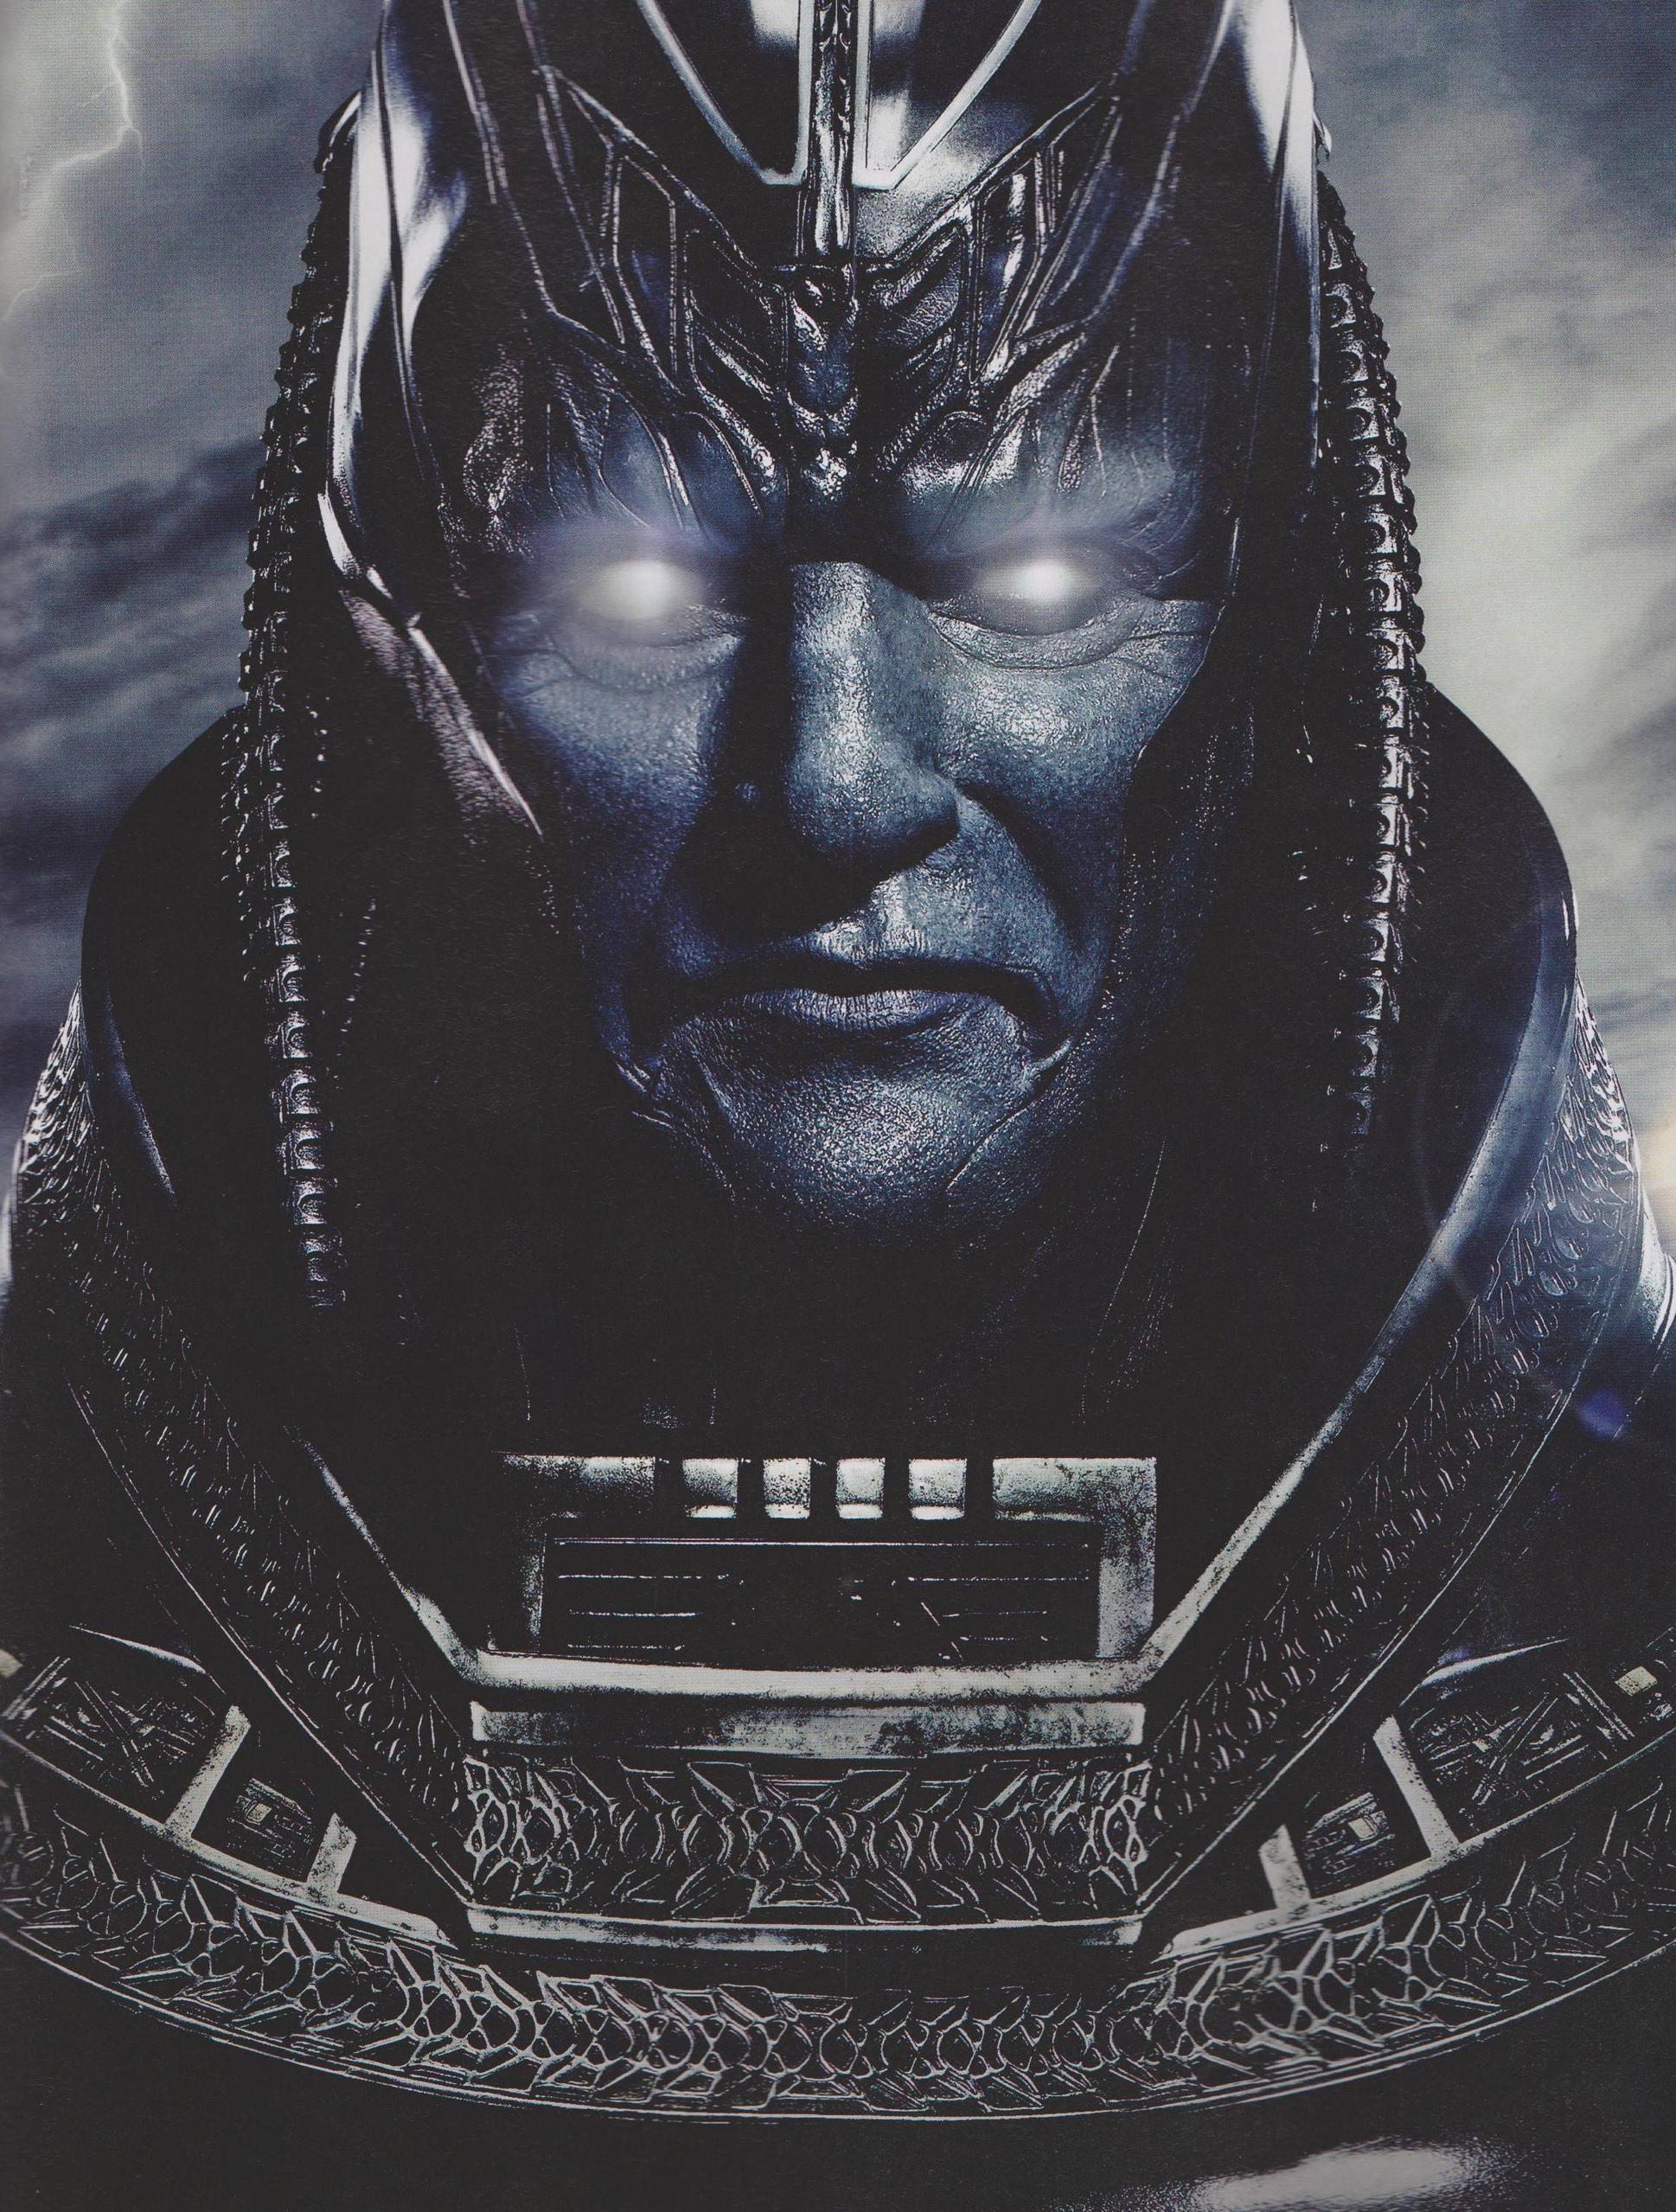 X Men Apocalypse Neuer Trailer Und Viele Fotos Aus Dem